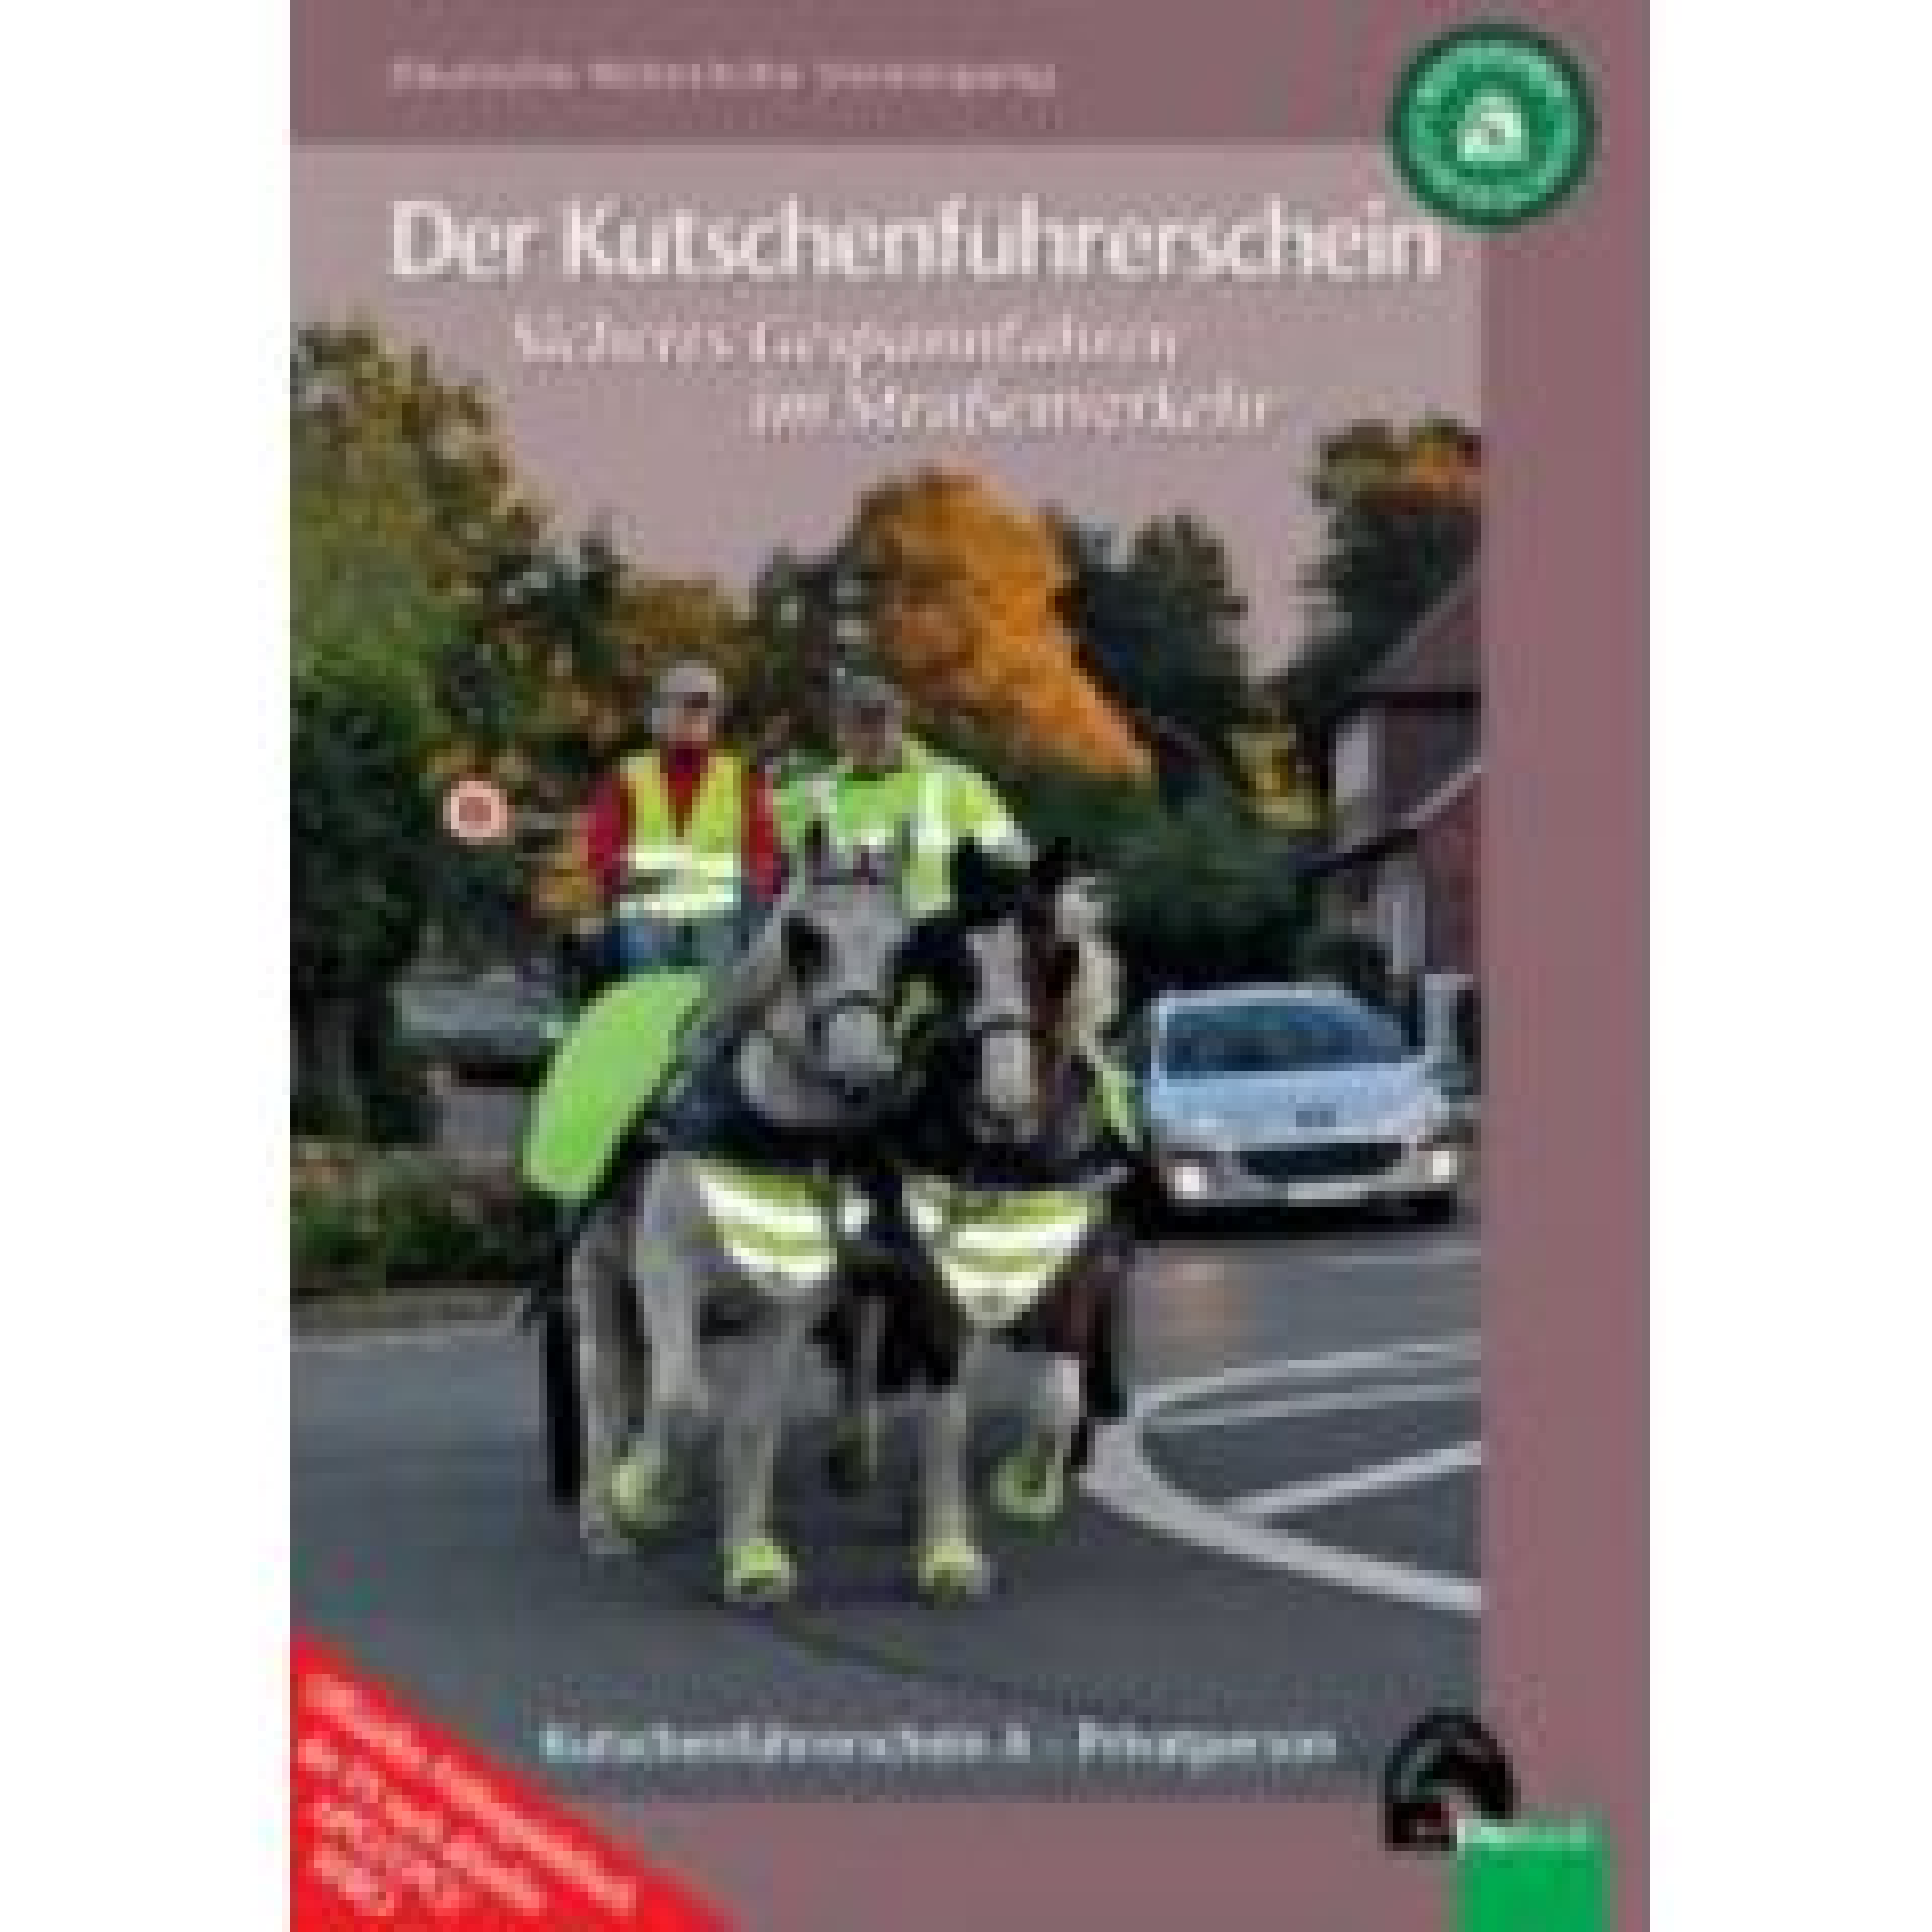 Der Kutschenführerschein - Sicheres Gespannfahren im Straßenverkehr